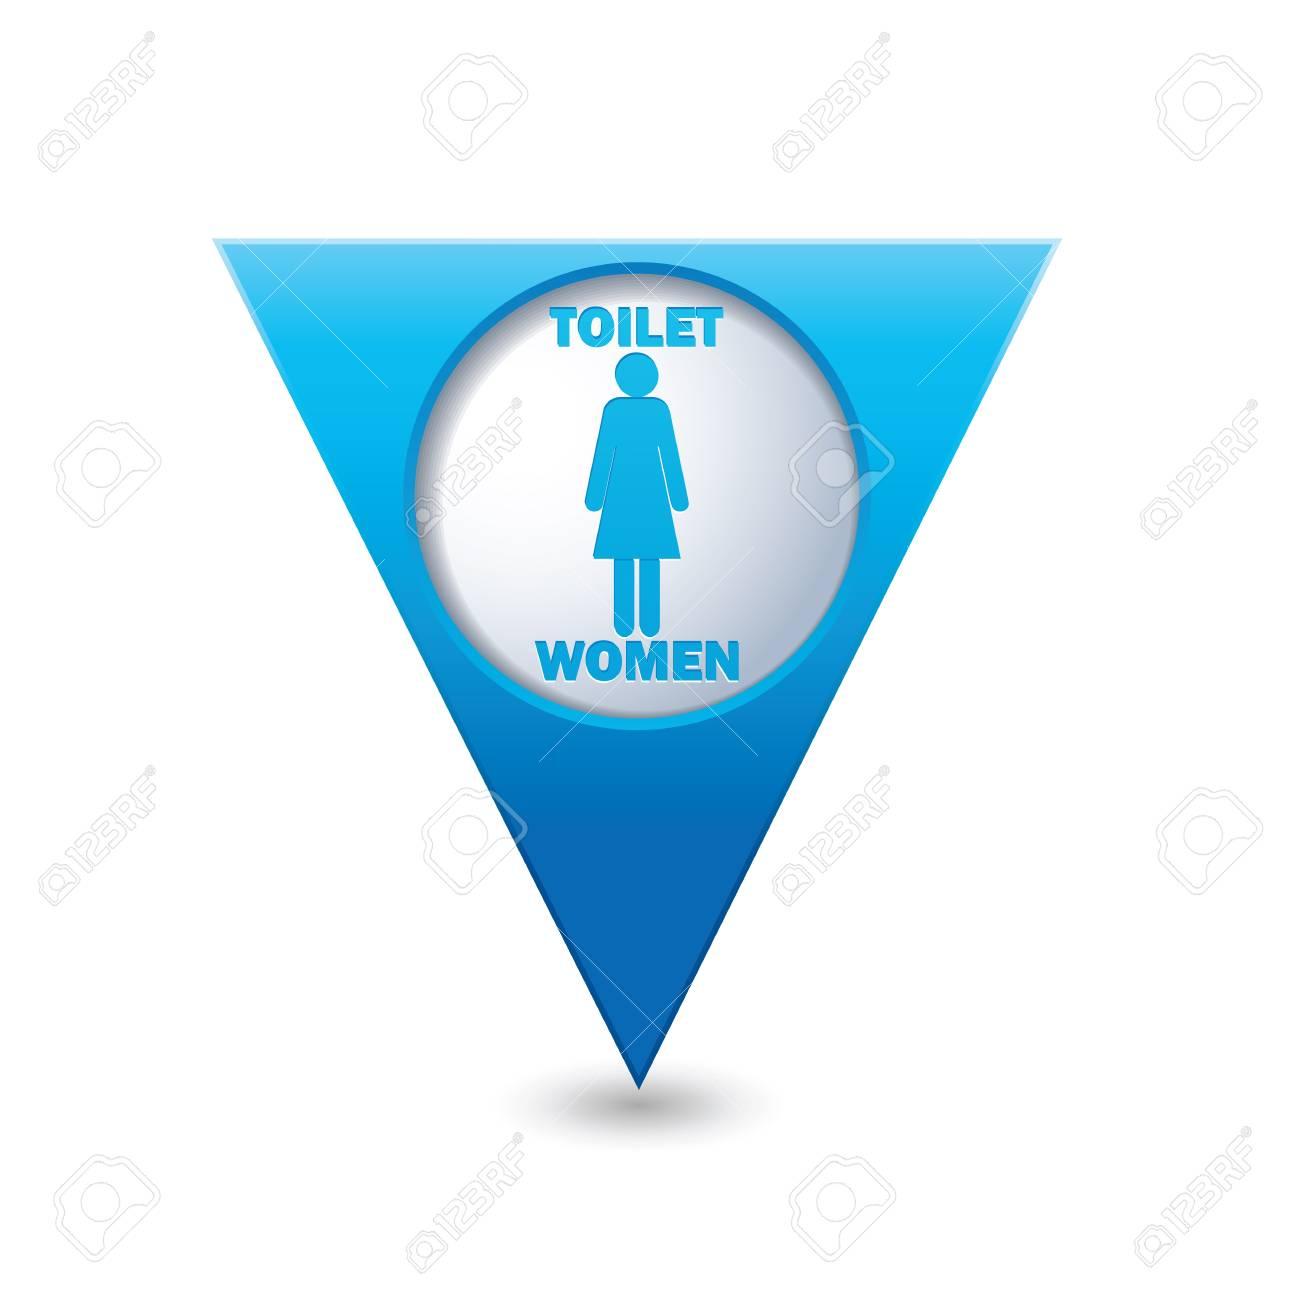 Indicadores Banos.El Indicador Azul Del Mapa Triangular Con Los Iconos De Los Banos Senora Wc Icono